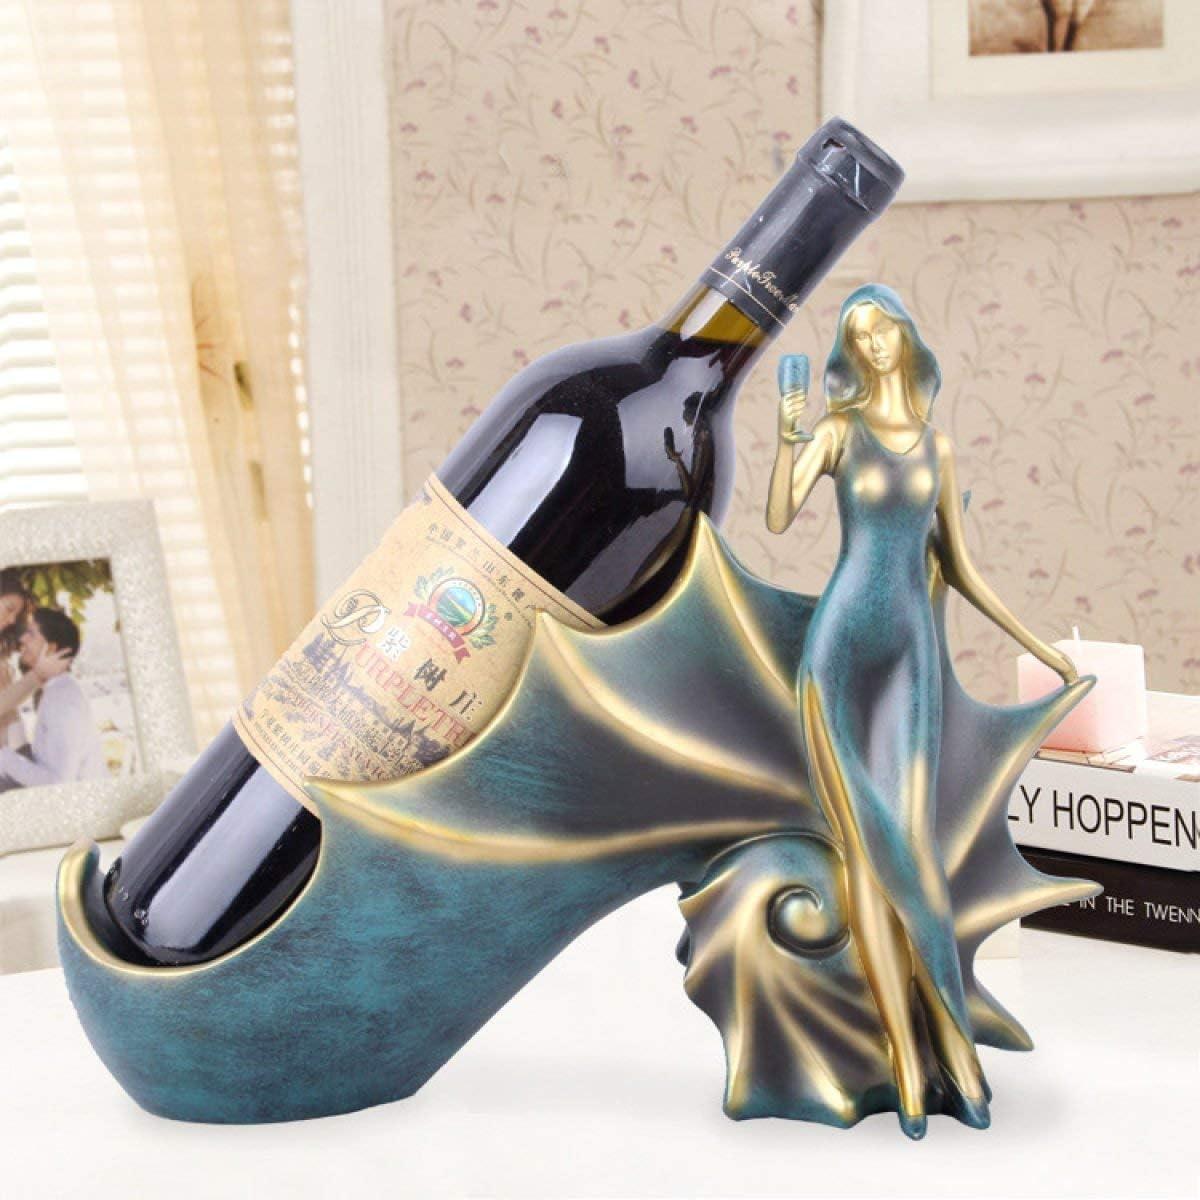 El estante del vino NaNa Estante del vino de resina artesanal minimalismo moderno vino azules chica concha bastidores Inicio escaparate de vino armarios decorativos mobiliario estante de cristal del v